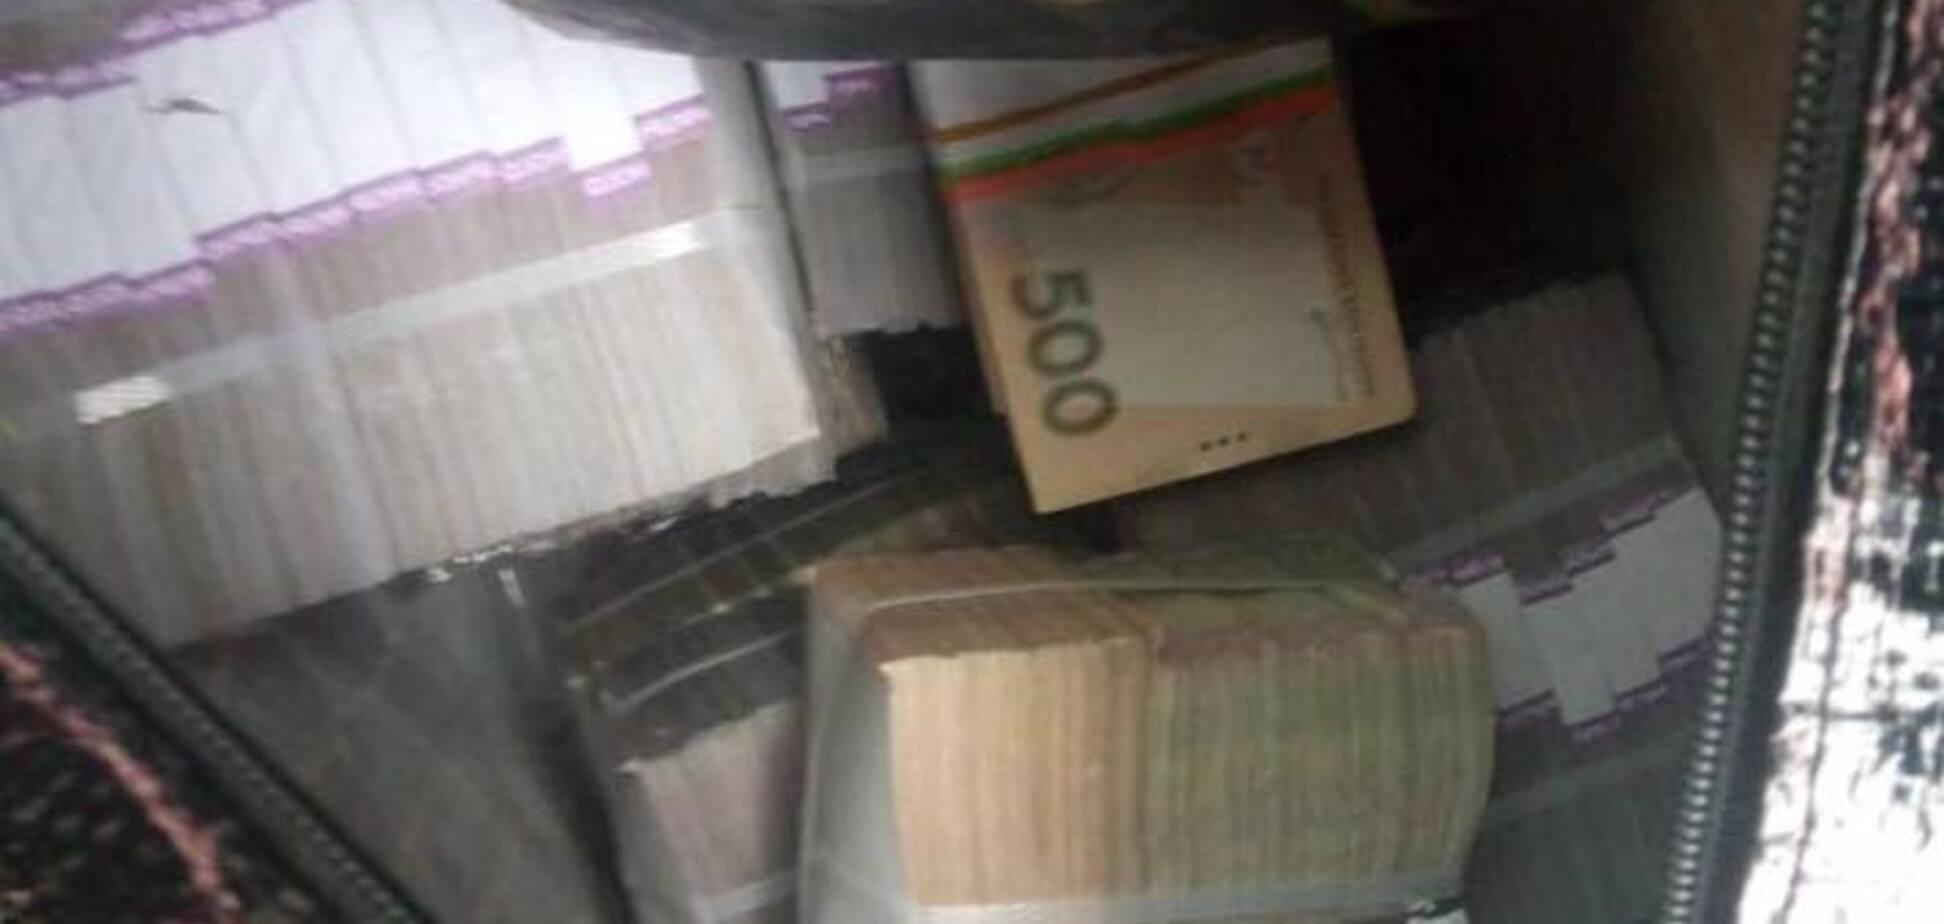 В Чернигове 'накрыли' конвертационный центр: изъяты огромные суммы и золото